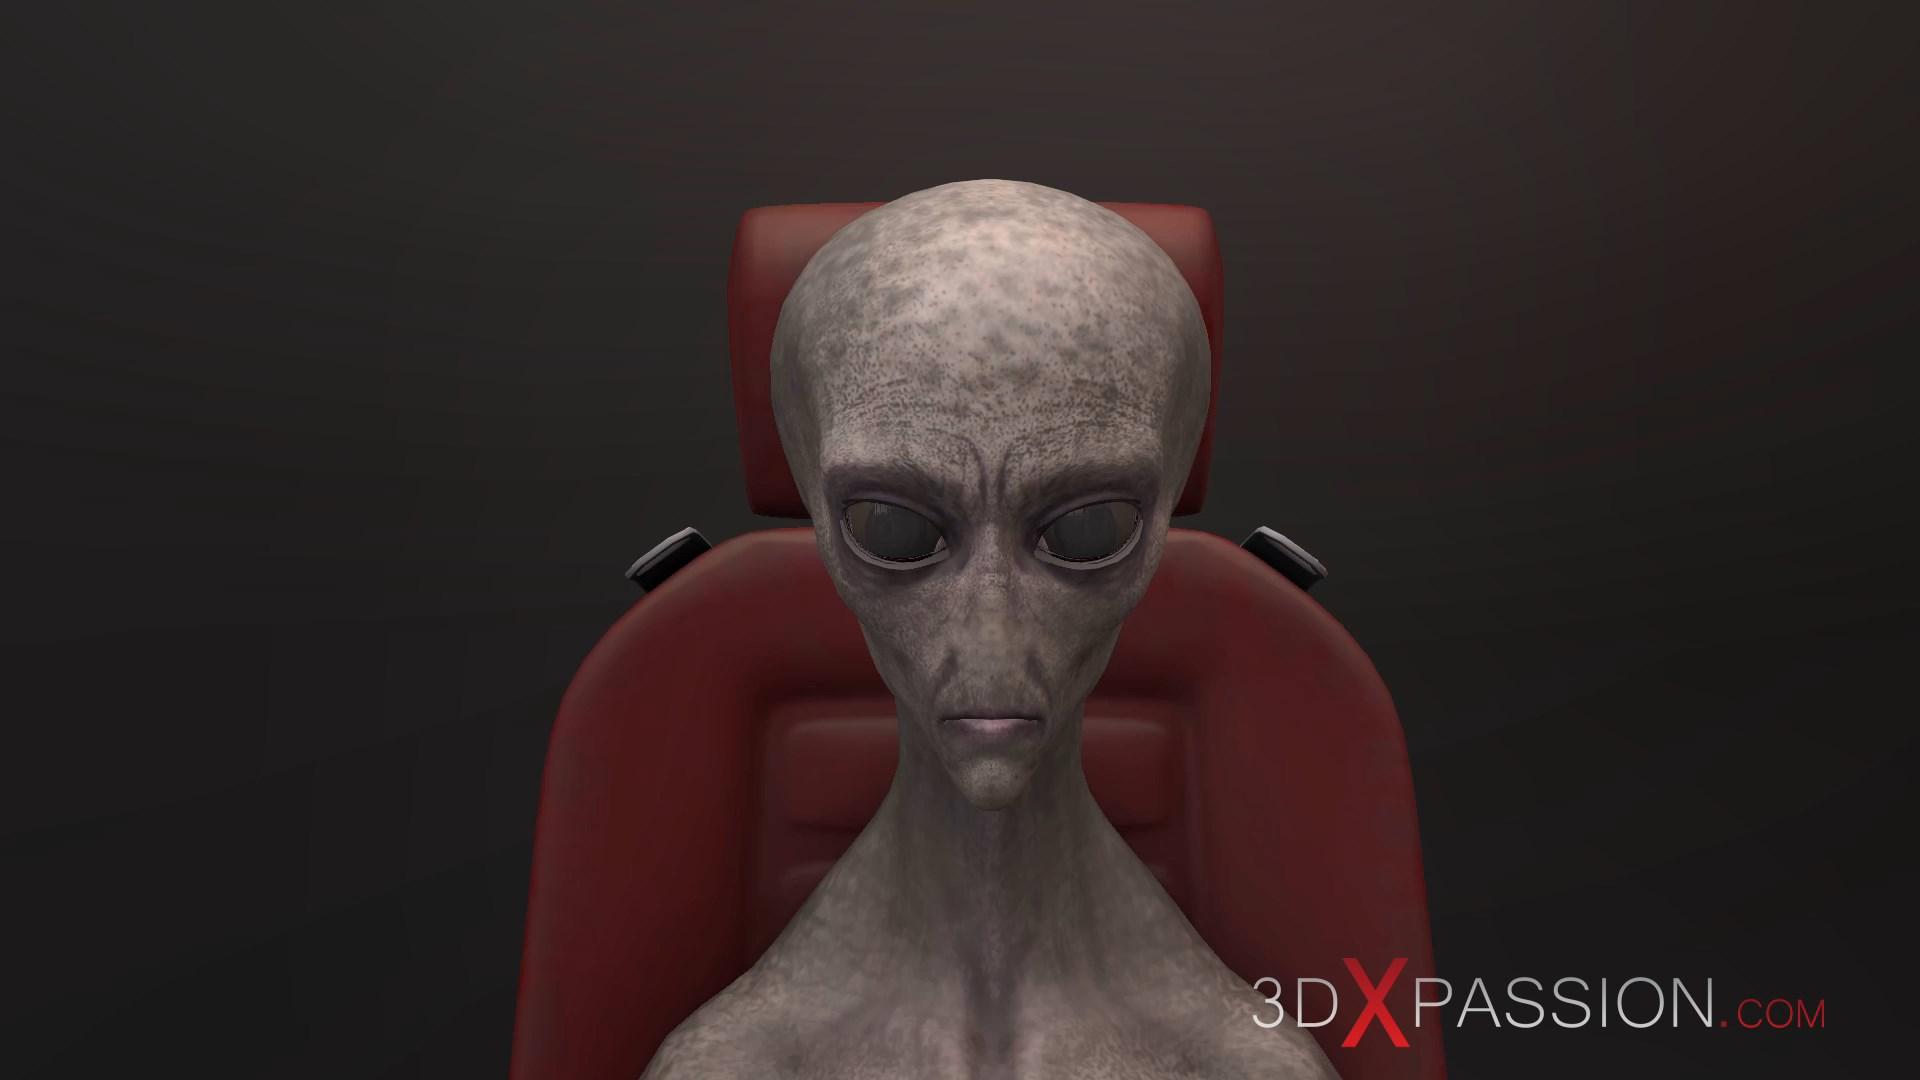 alien area 51 3dxpassion